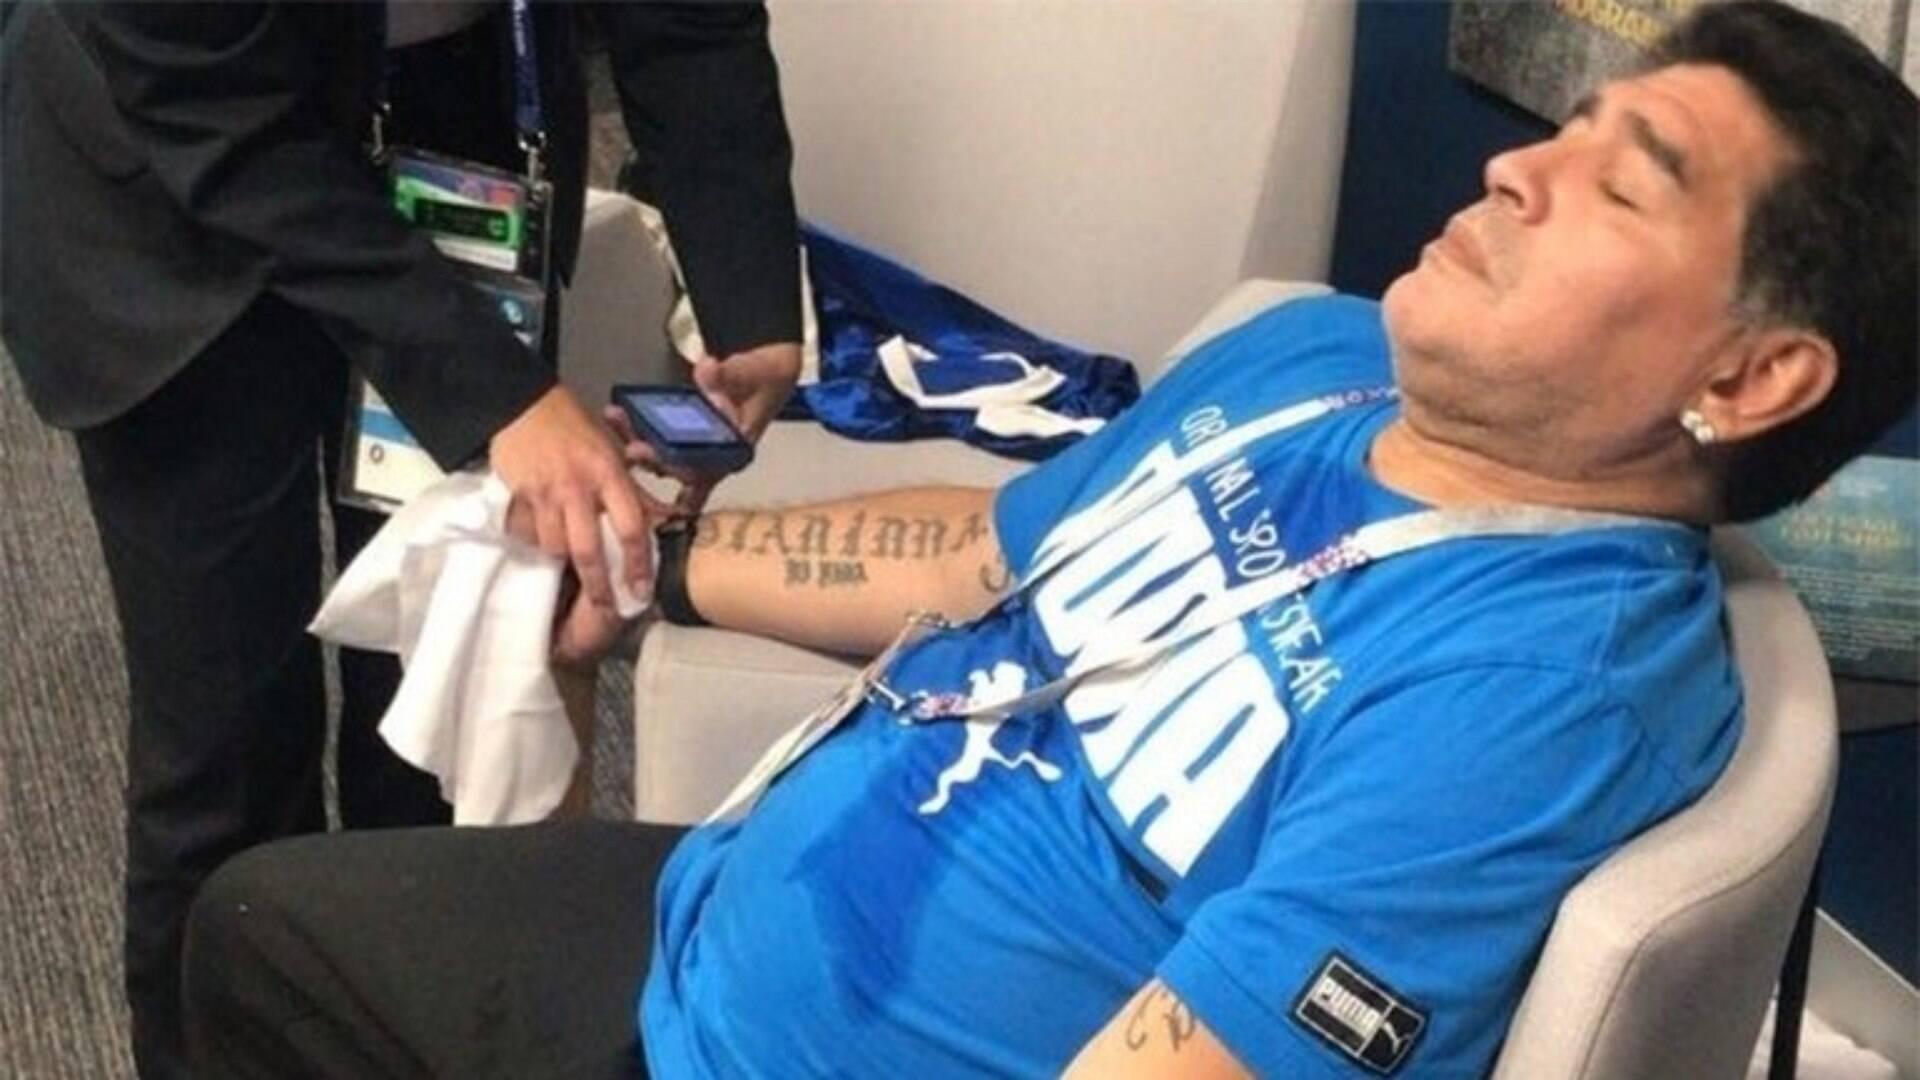 Filhas de Maradona querem internação contra alcoolismo. Vídeo foi a gota d'água - Internacional - iG